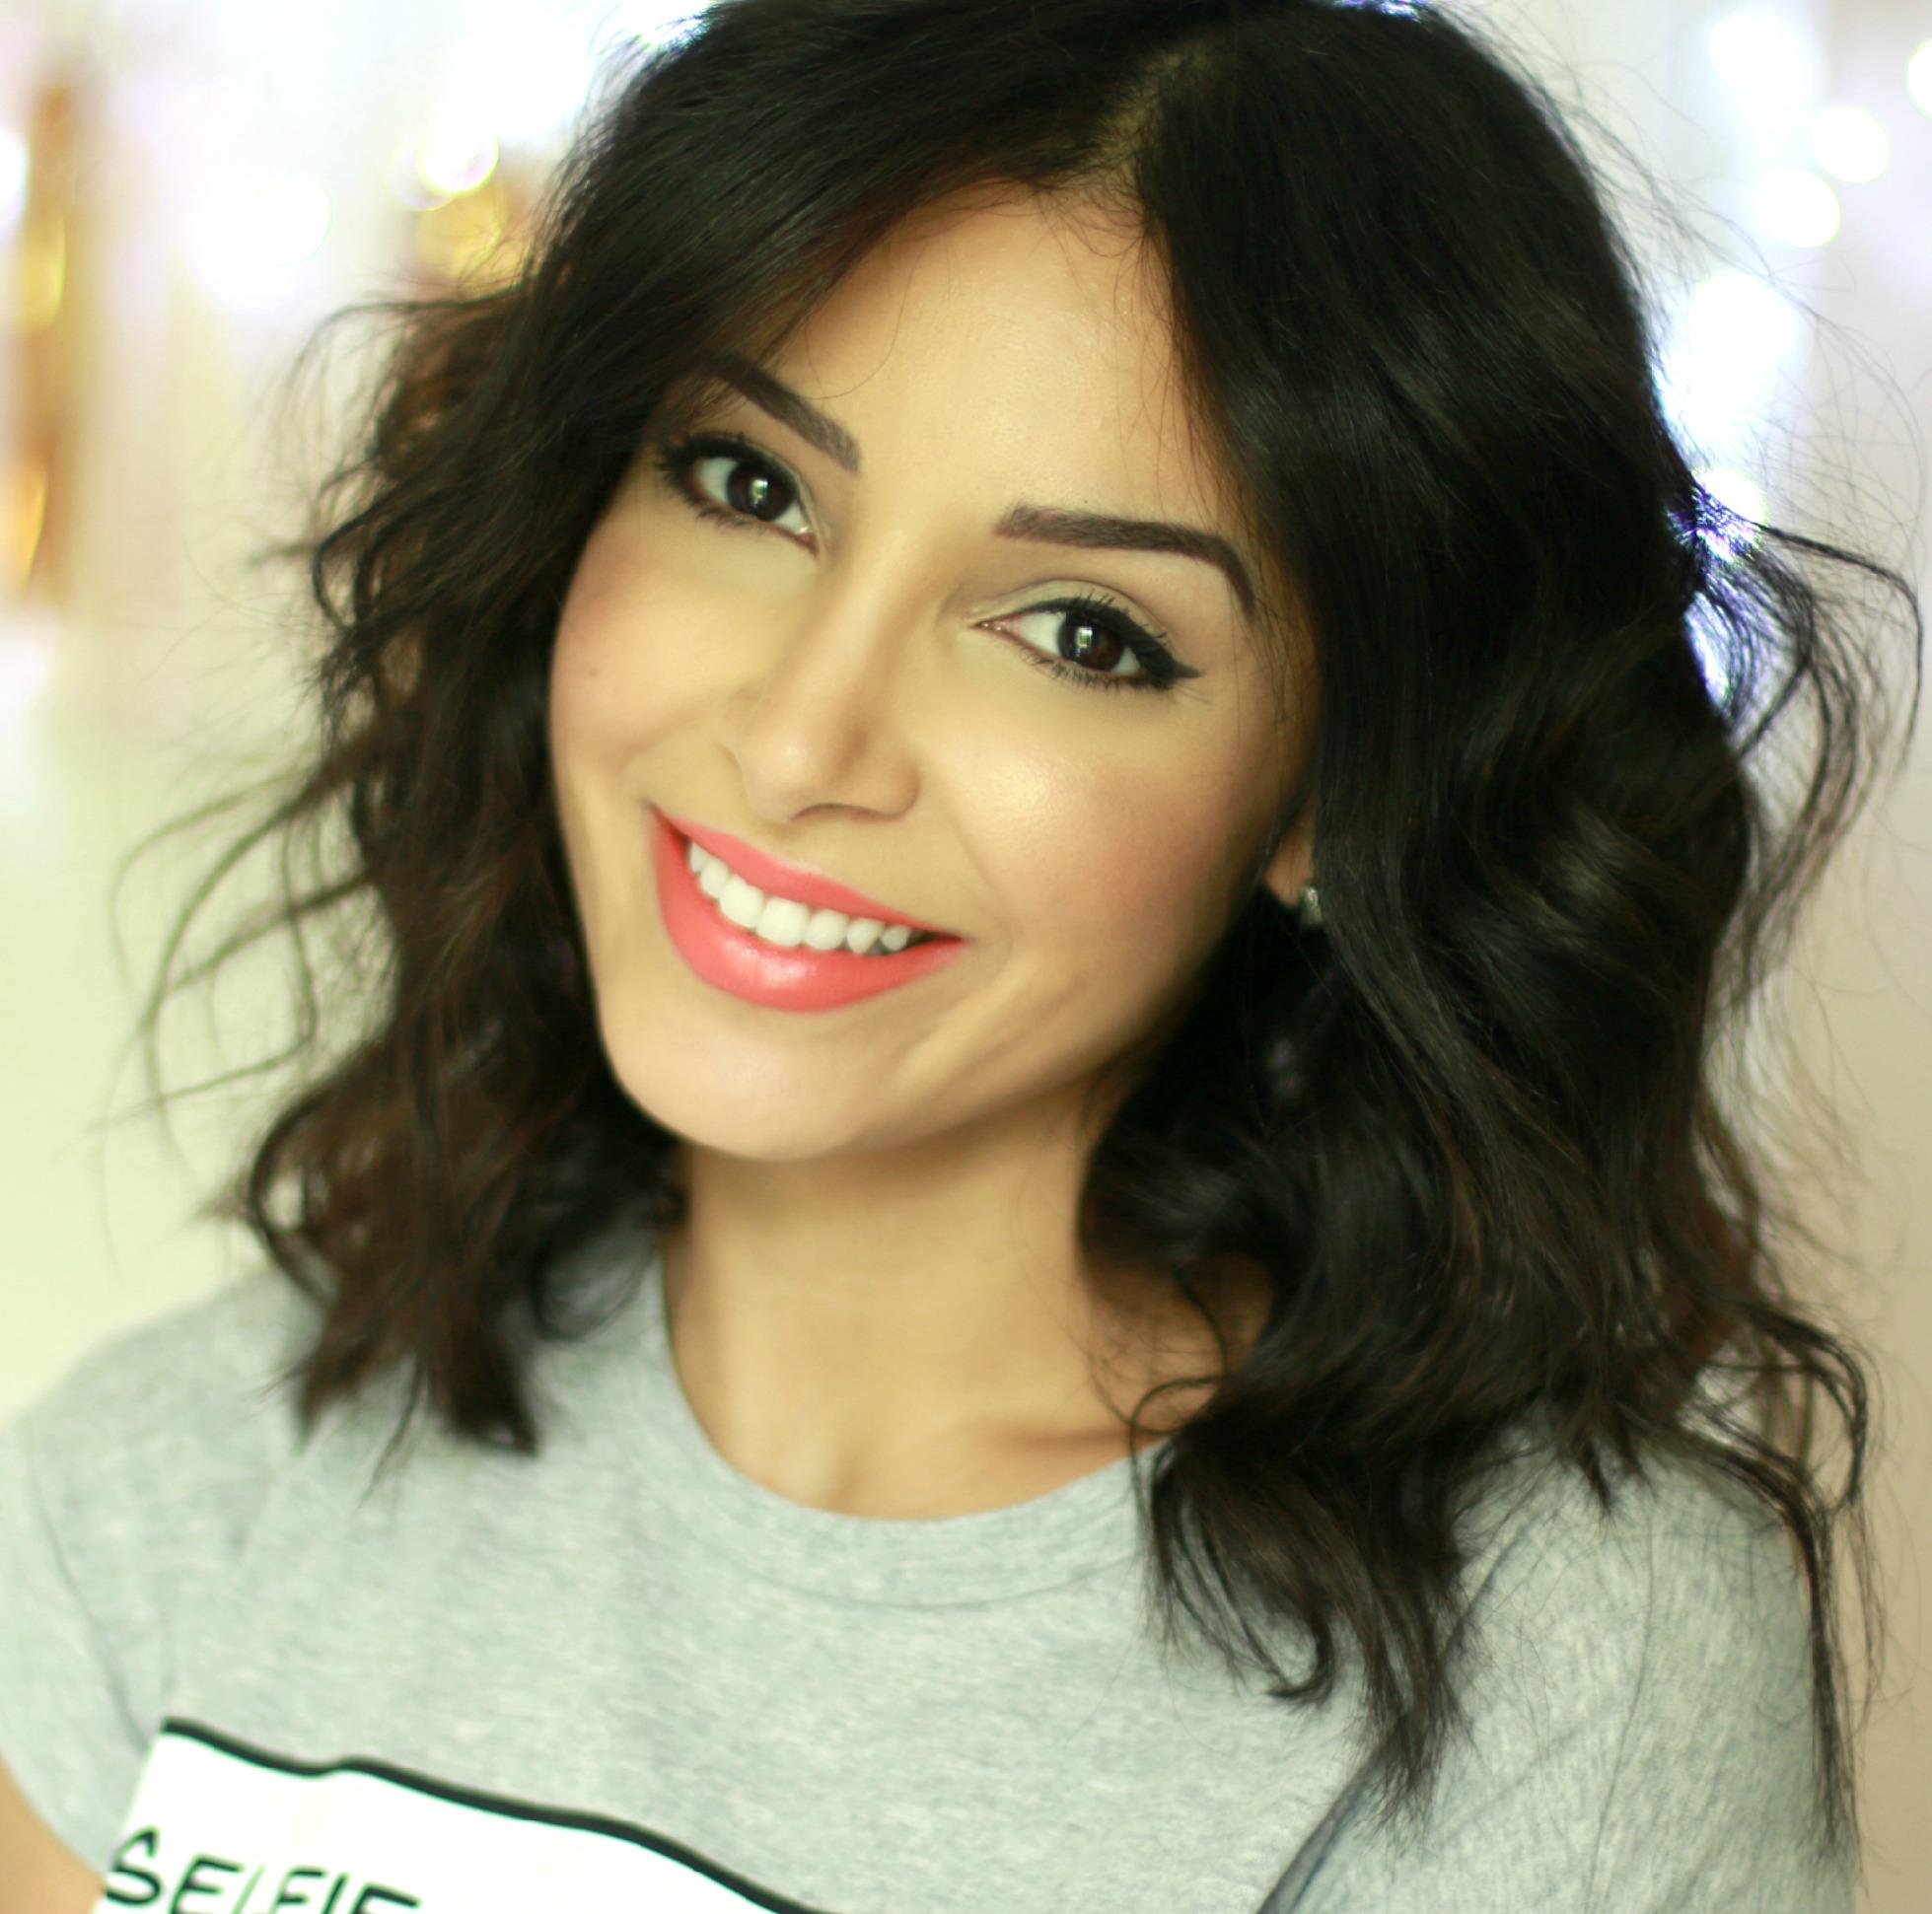 Pretty arab girls